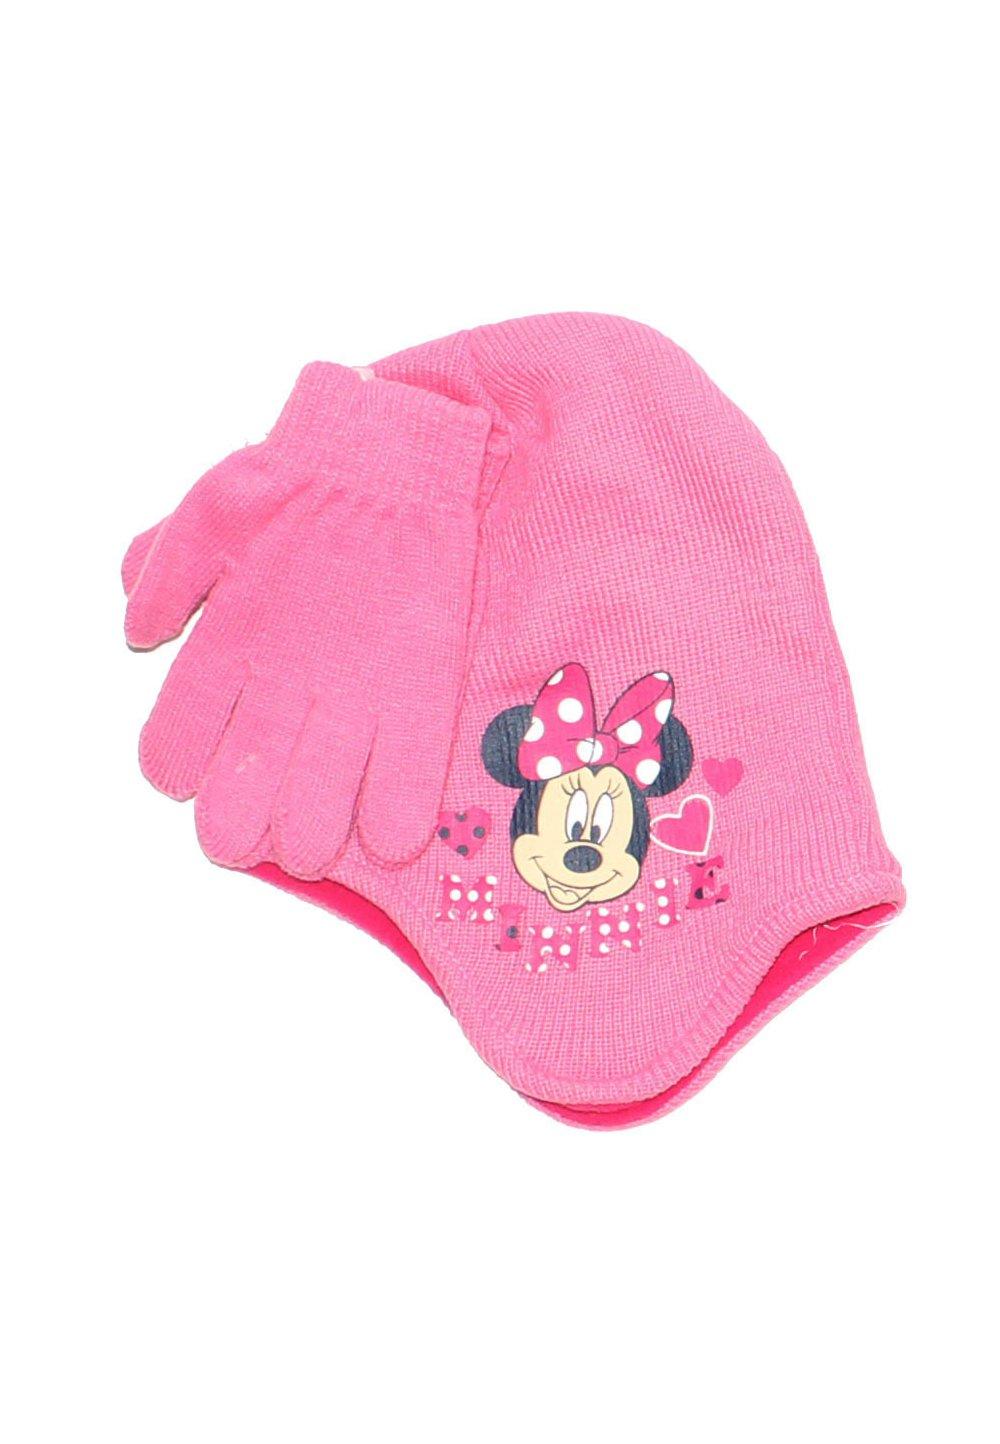 Caciula si manusi, Minnie Mouse, roz imagine